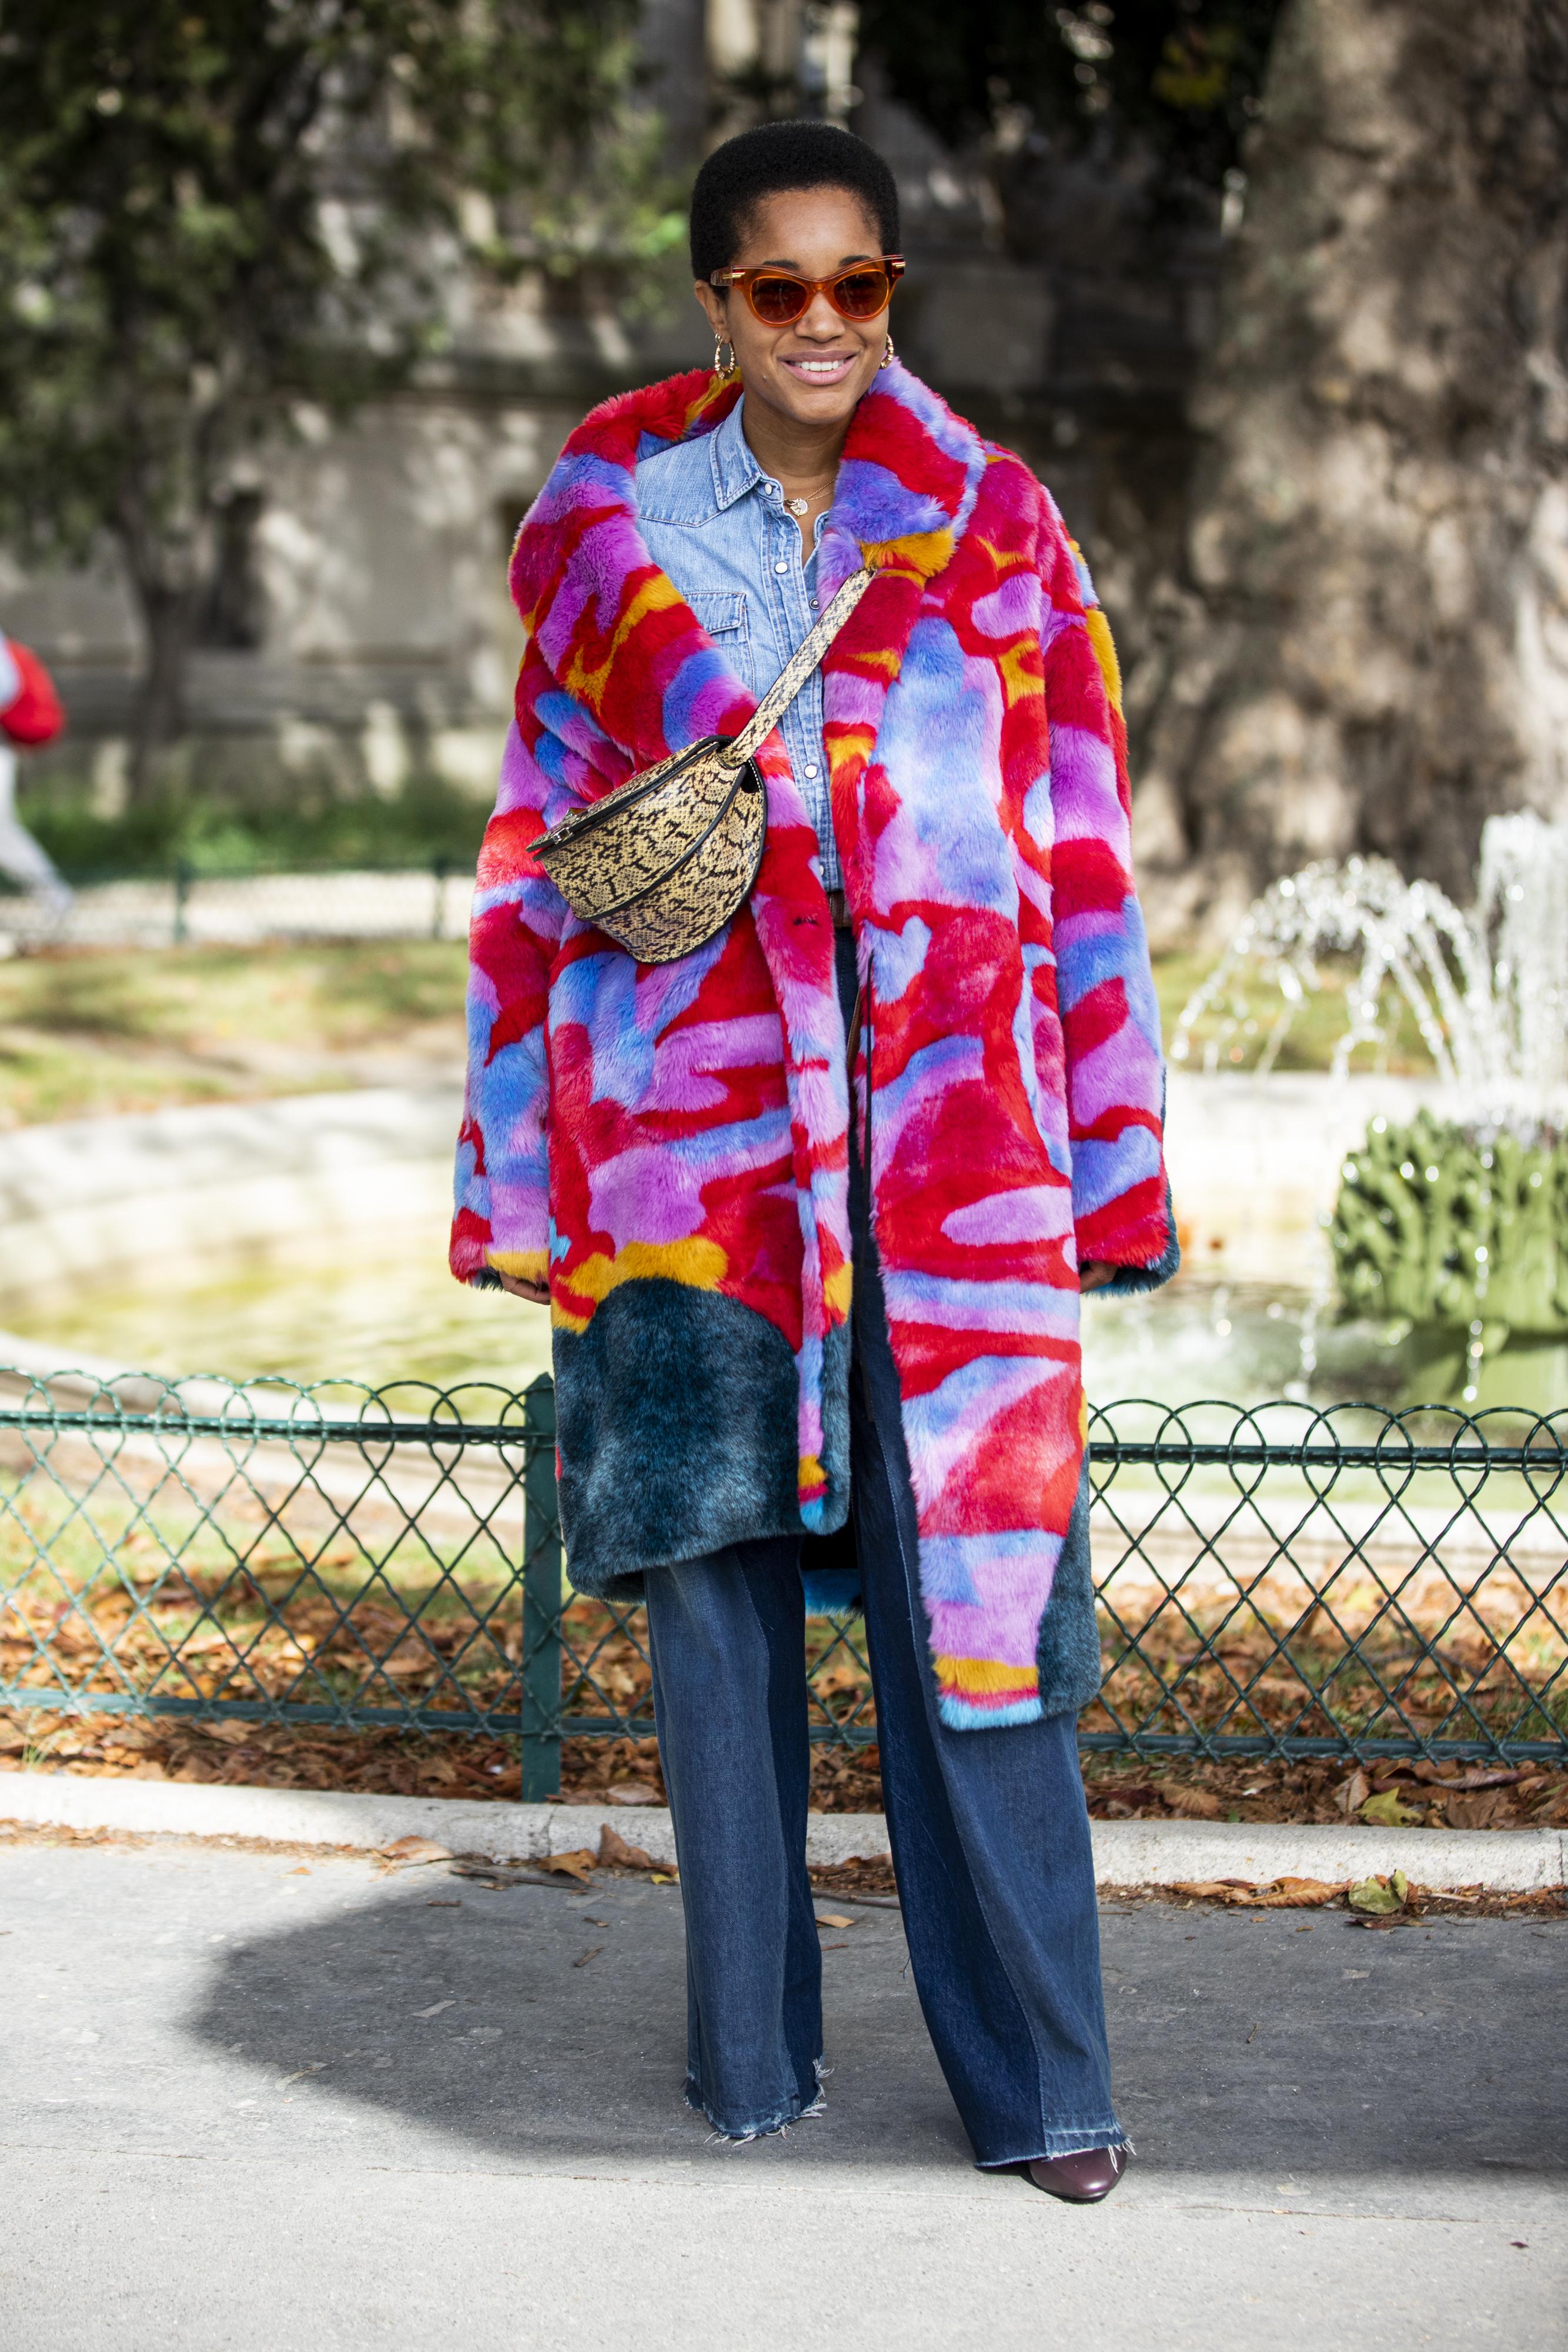 水彩画のような鮮やかな色使いが目を引くファーコートは、いつものスタイルに取り入れるだけでOK。デニムシャツ×デニムパンツの定番的なスタイルが新鮮に見える。バッグの斜め掛けもおしゃれ。